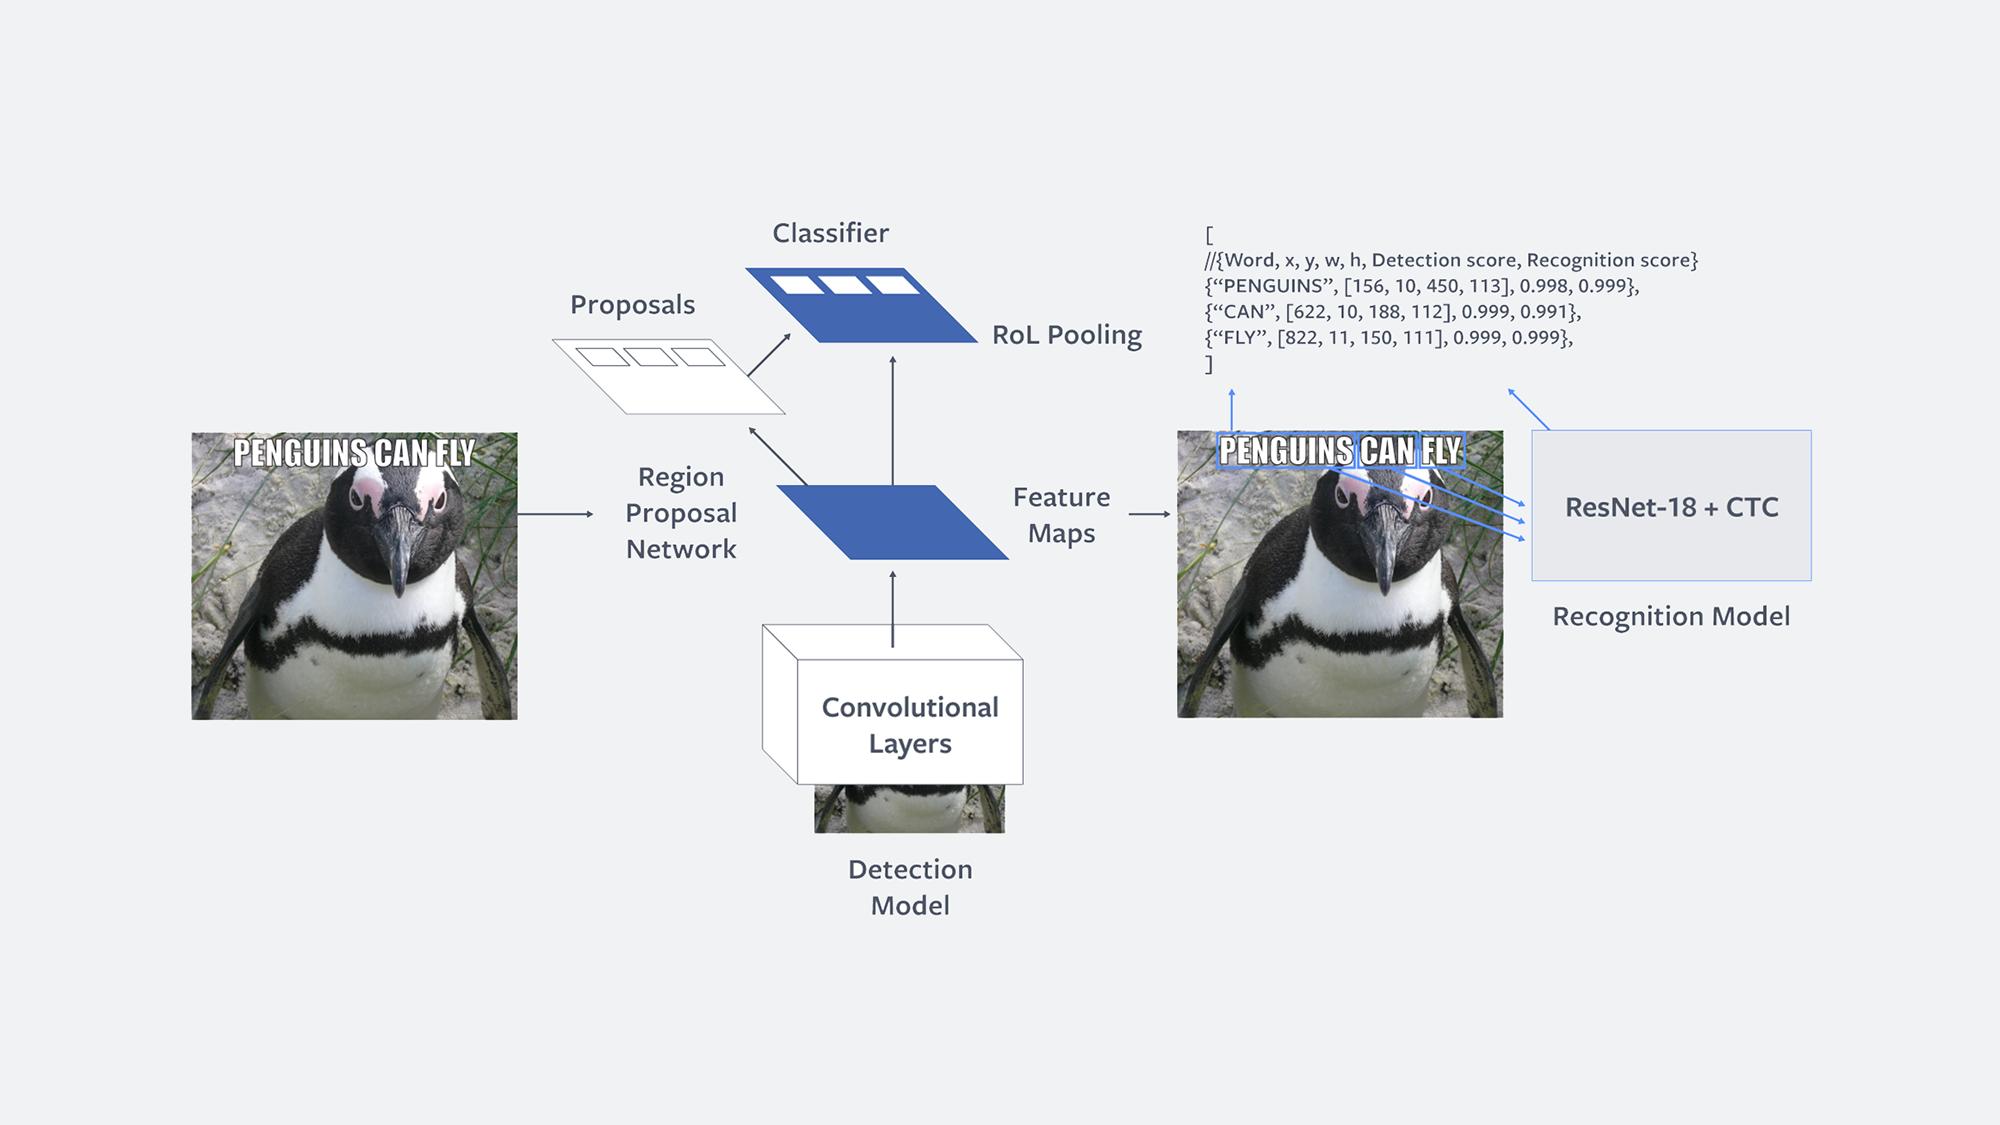 In che modo avviene il rilevamento di Facebook Rosetta del testo nelle immagini